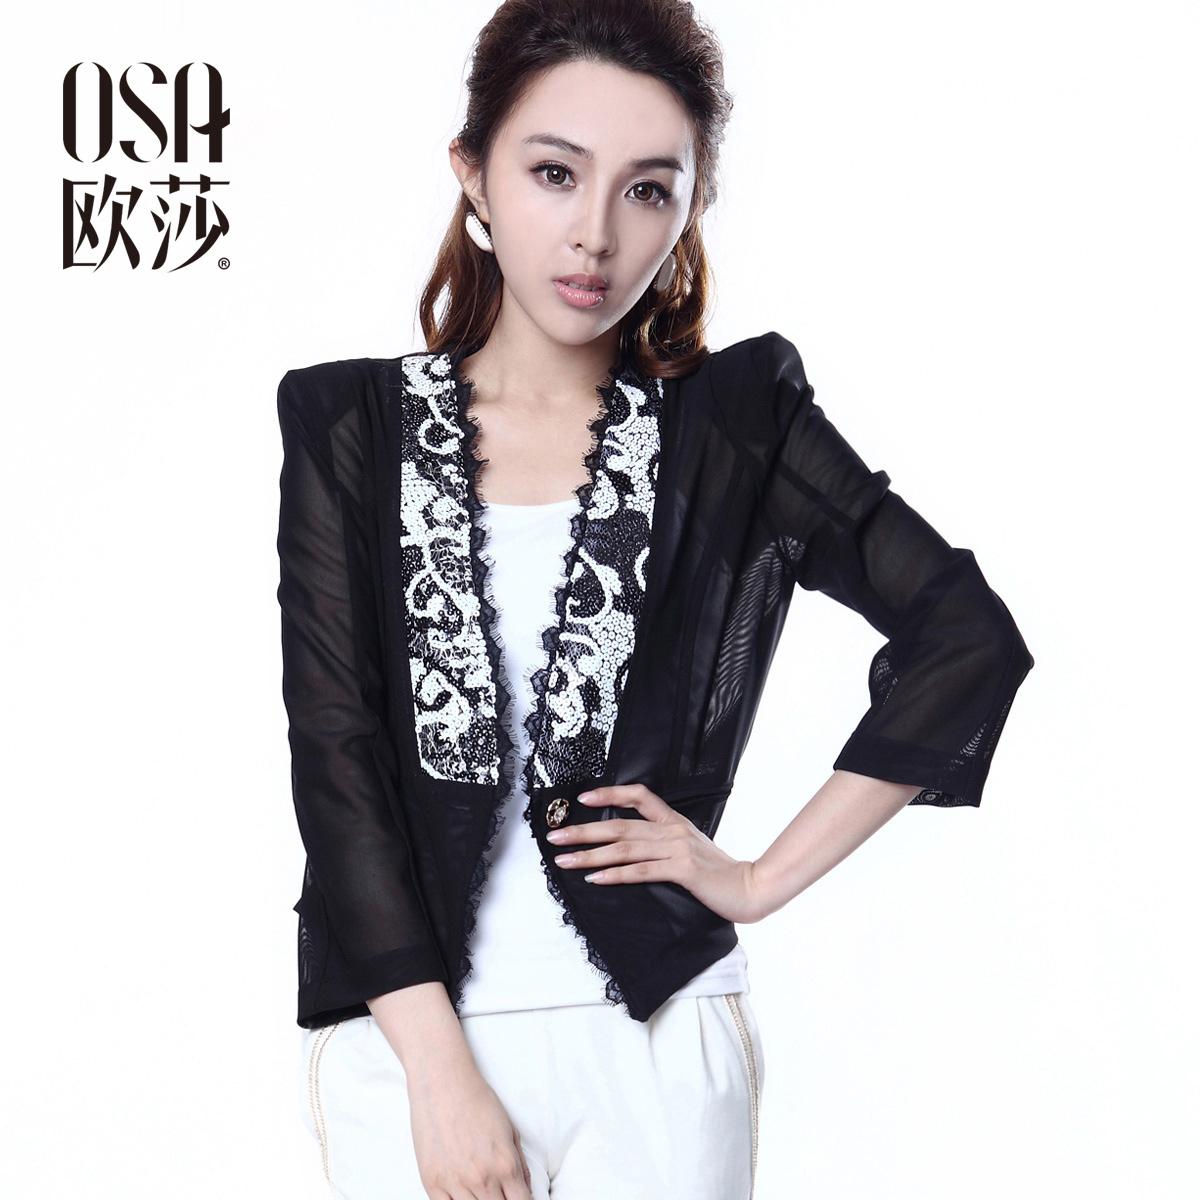 http://img02.taobaocdn.com/bao/uploaded/i2/13930032306883676/T1GysZFdxaXXXXXXXX_!!0-item_pic.jpg